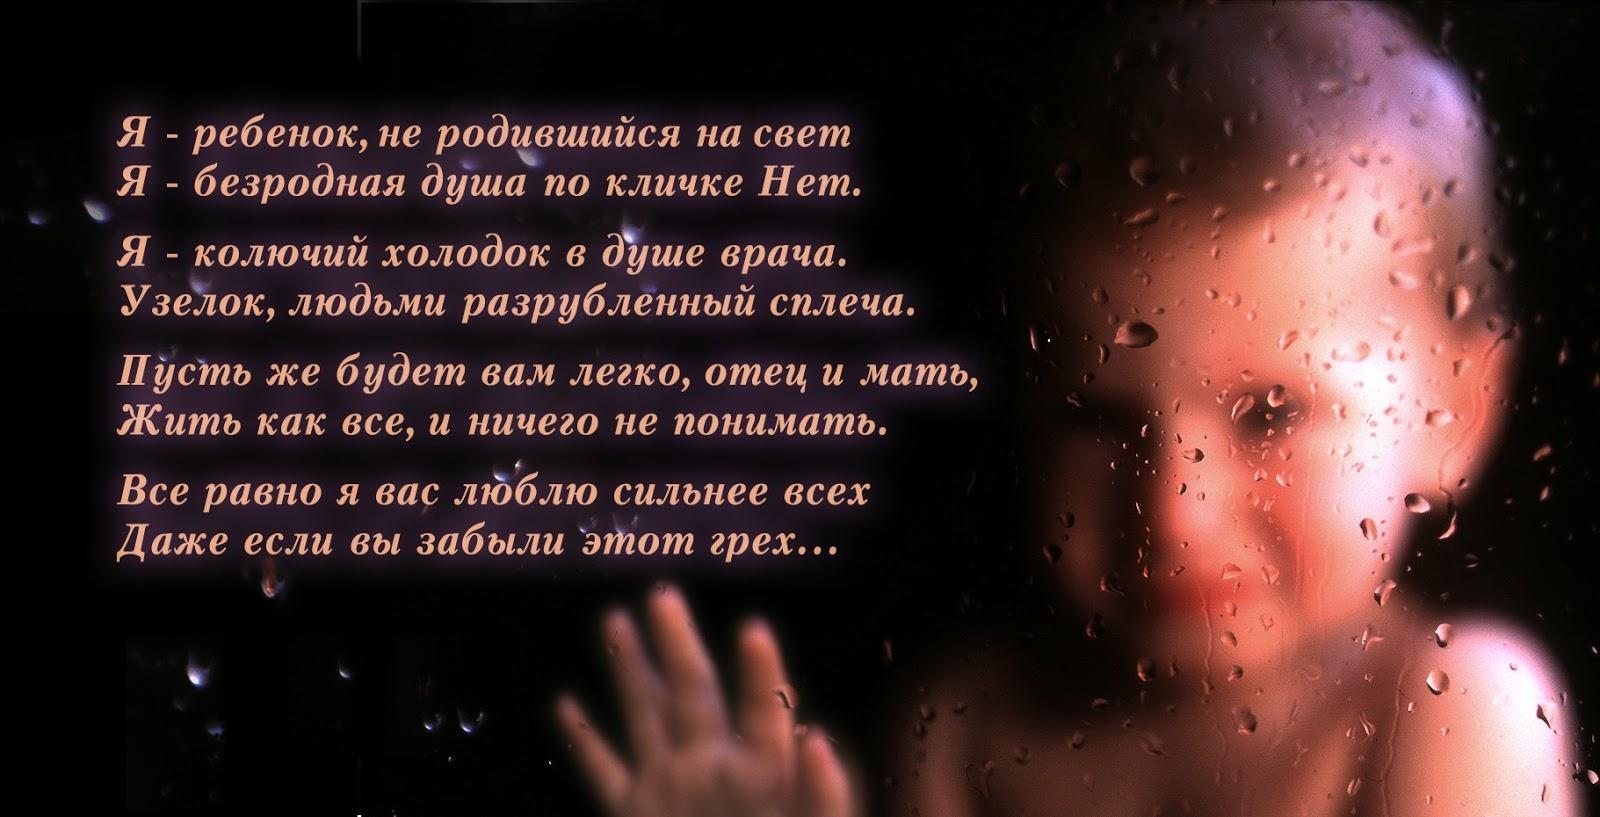 Plakat-ya-rebyonok-ne-rodivshiysya-na-svet